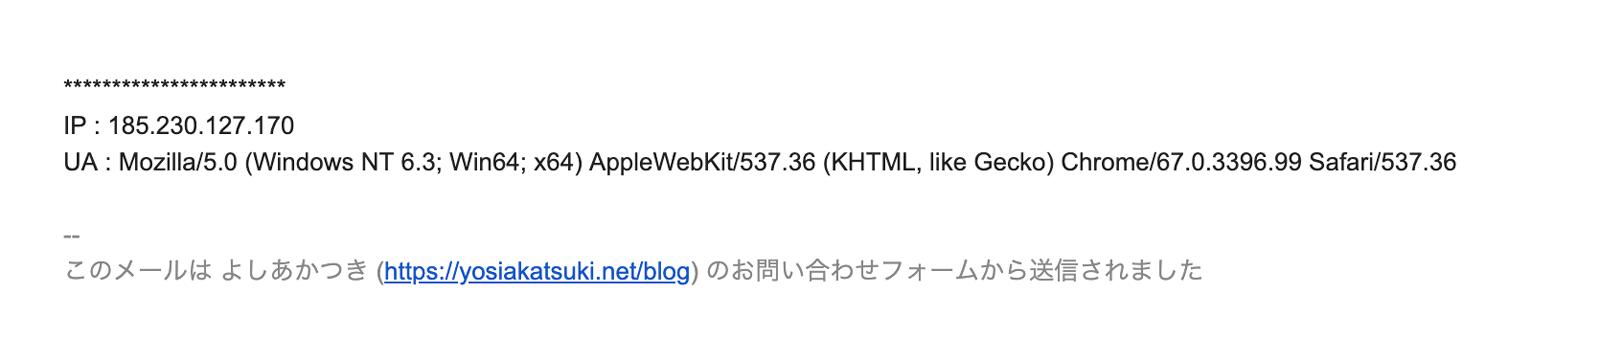 メール内のIPアドレス、ユーザーエージェント情報